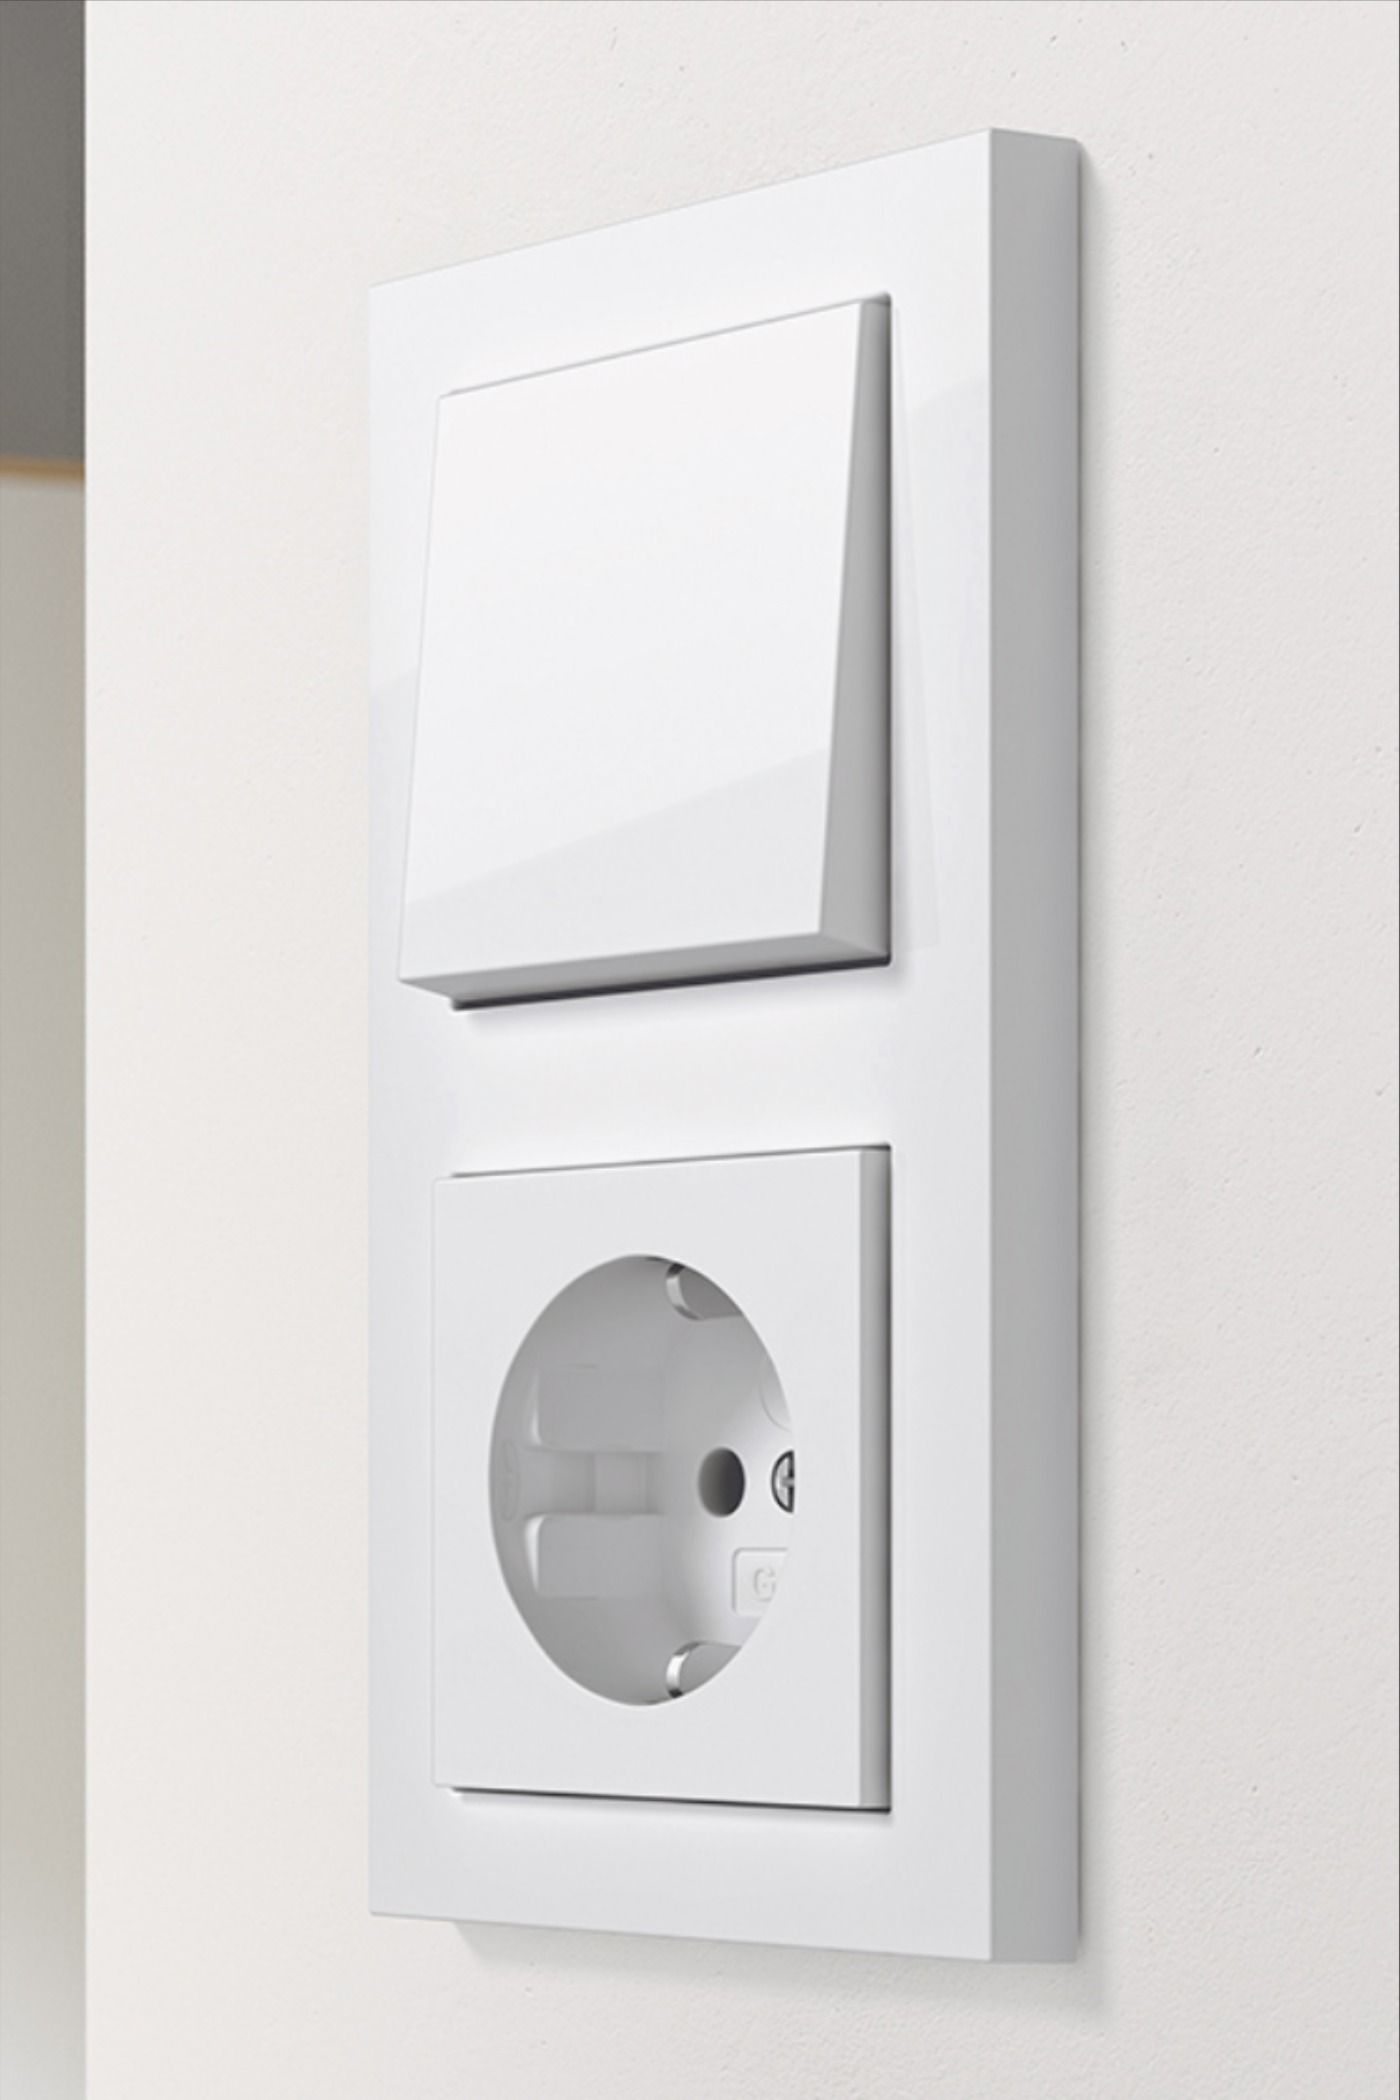 Designikone Gira E2 In 2020 Lichtschalter Schalter Und Steckdosen Steckdosen Und Lichtschalter